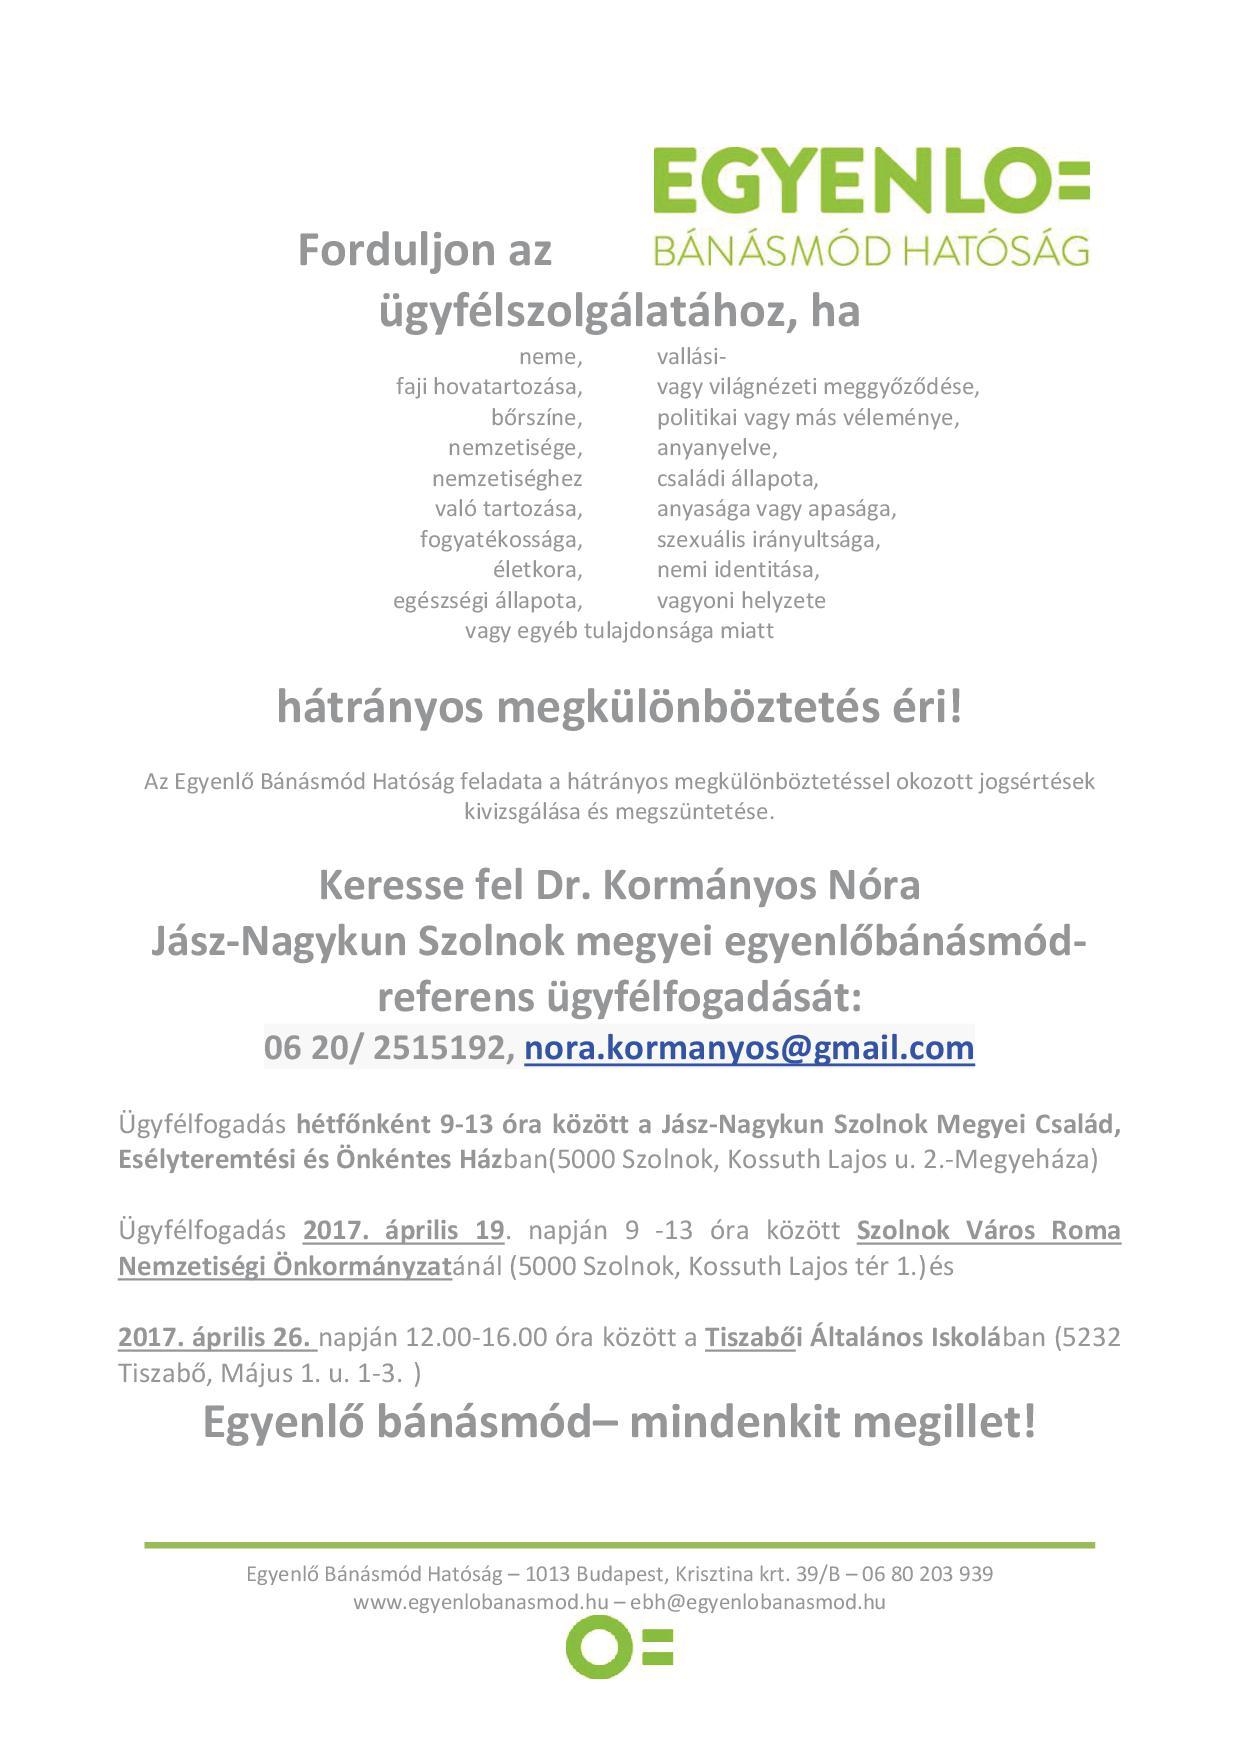 EBH plakát 2017. április-001